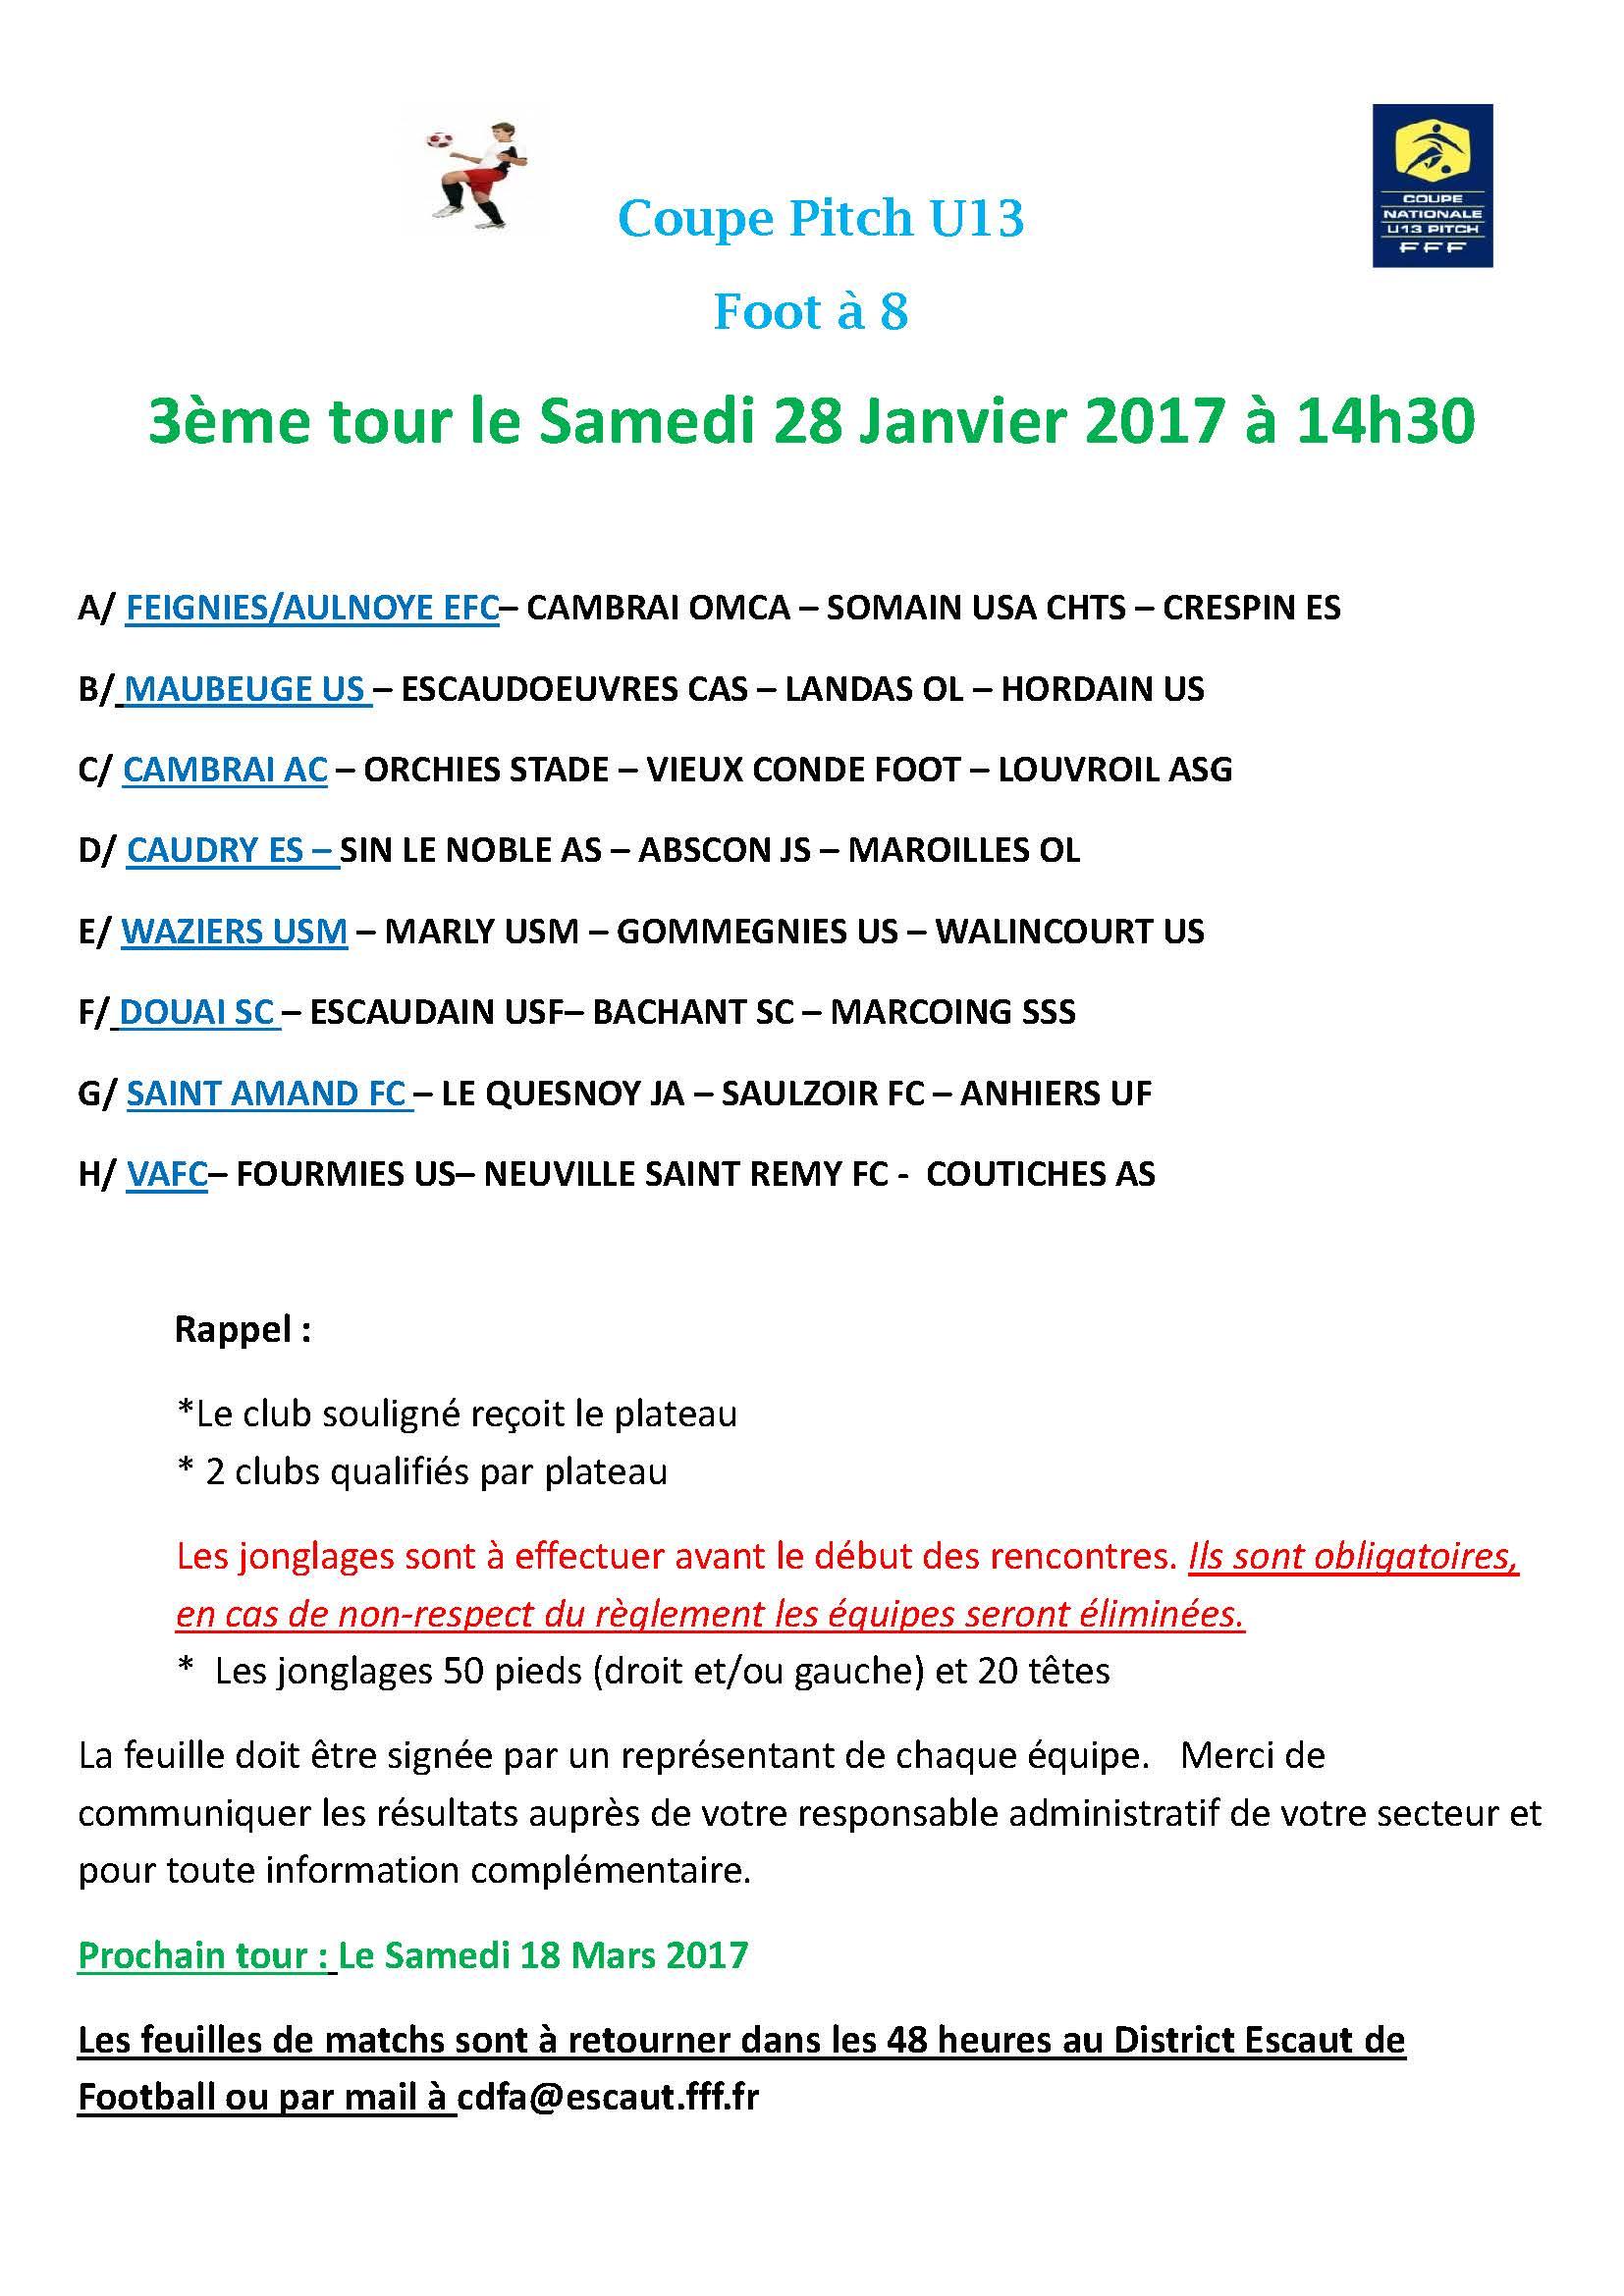 Festival U13 Pitch Tour inter secteur 30.01.16